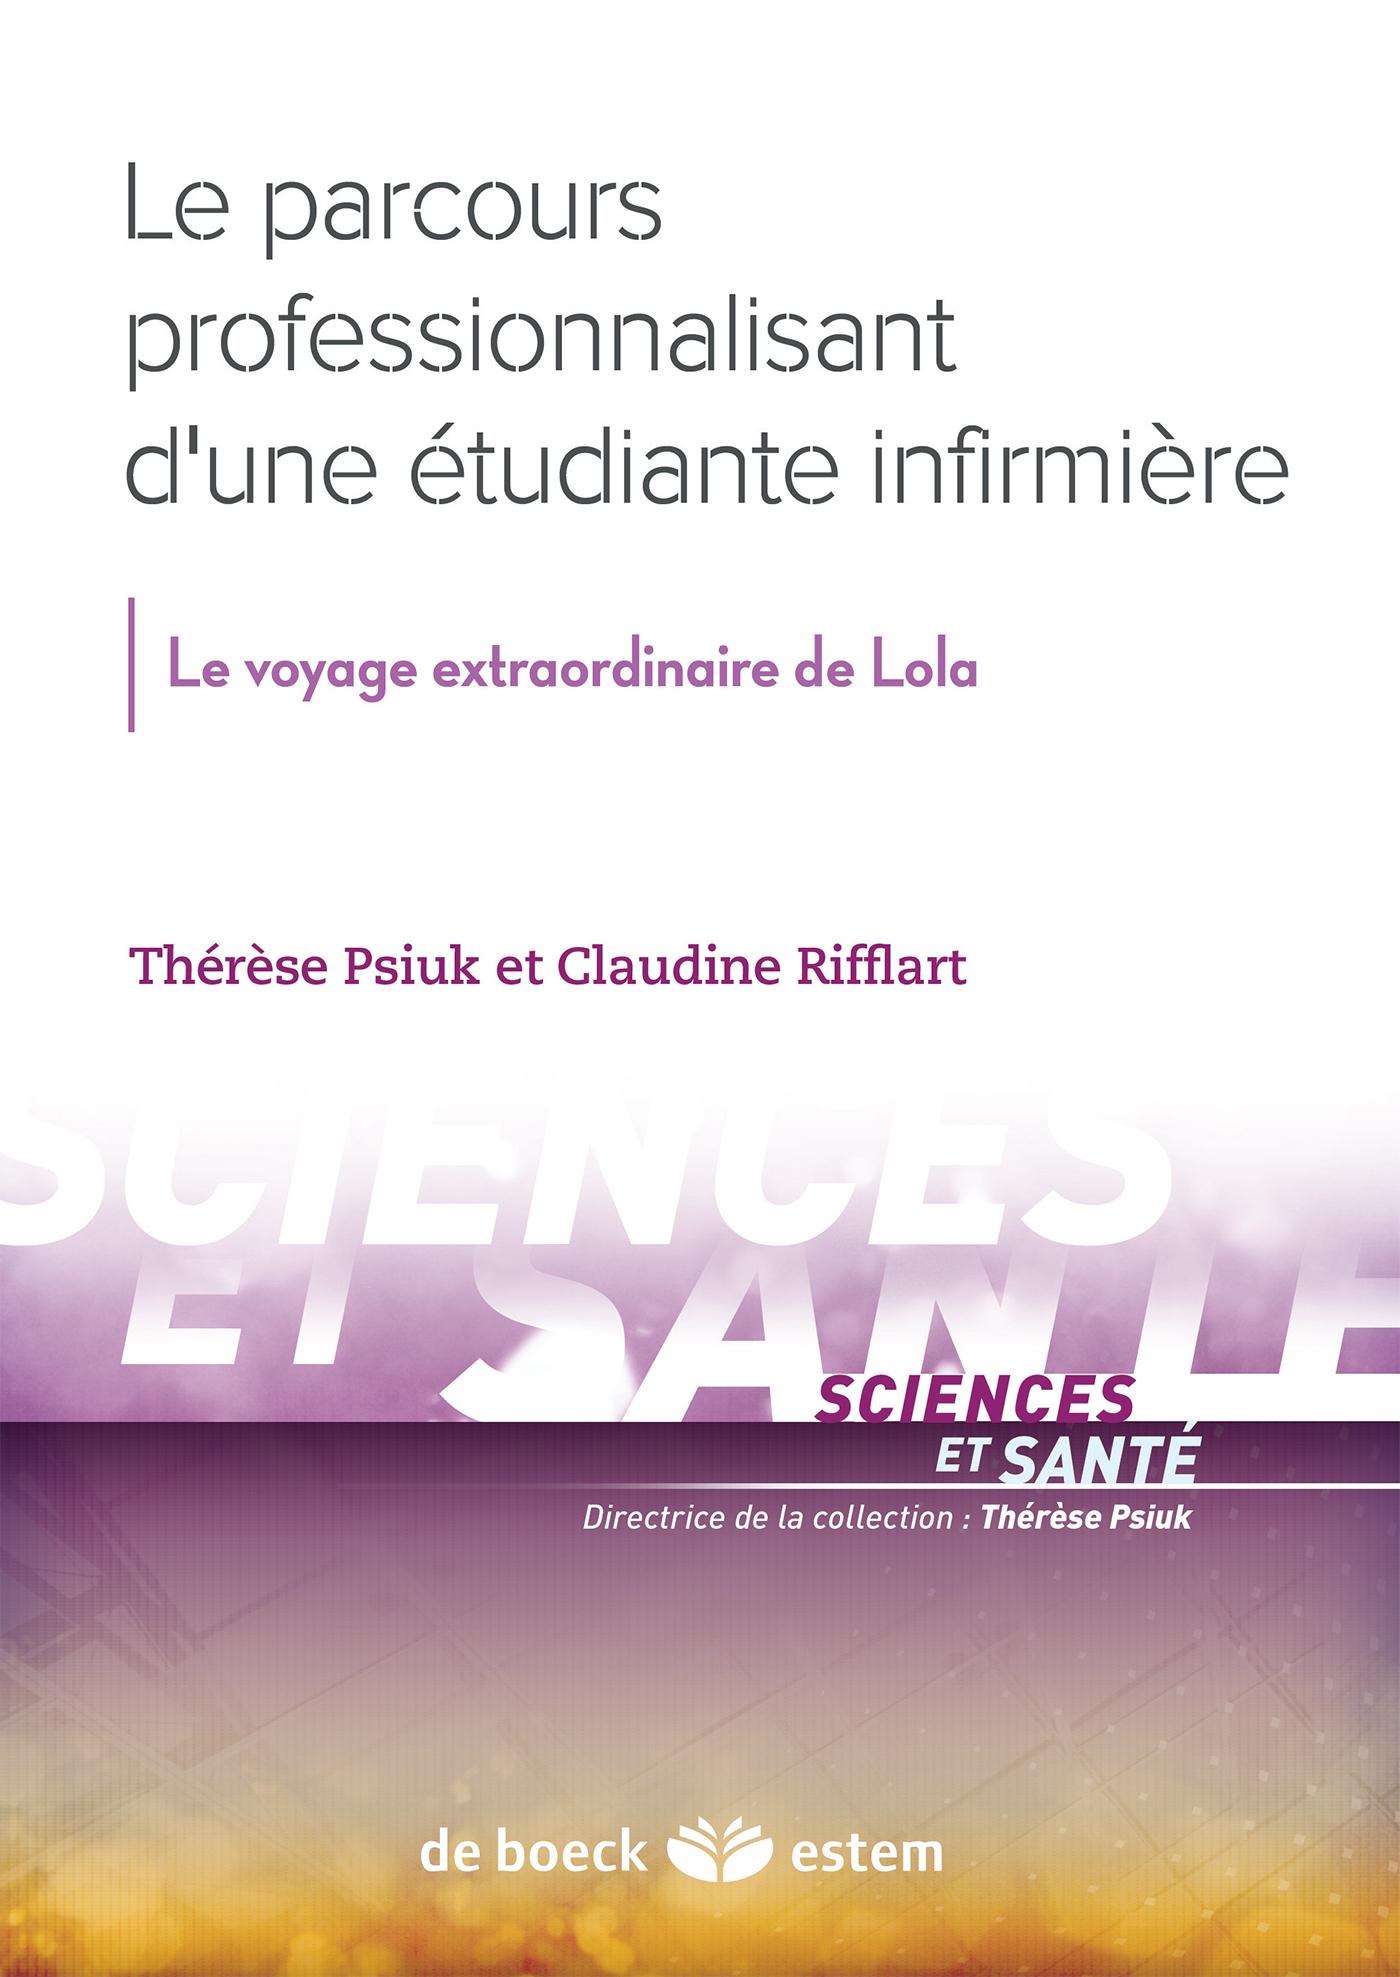 PARCOURS PROFESSIONNALISANT D'UNE ETUDIANTE INFIRMIERE (LE)